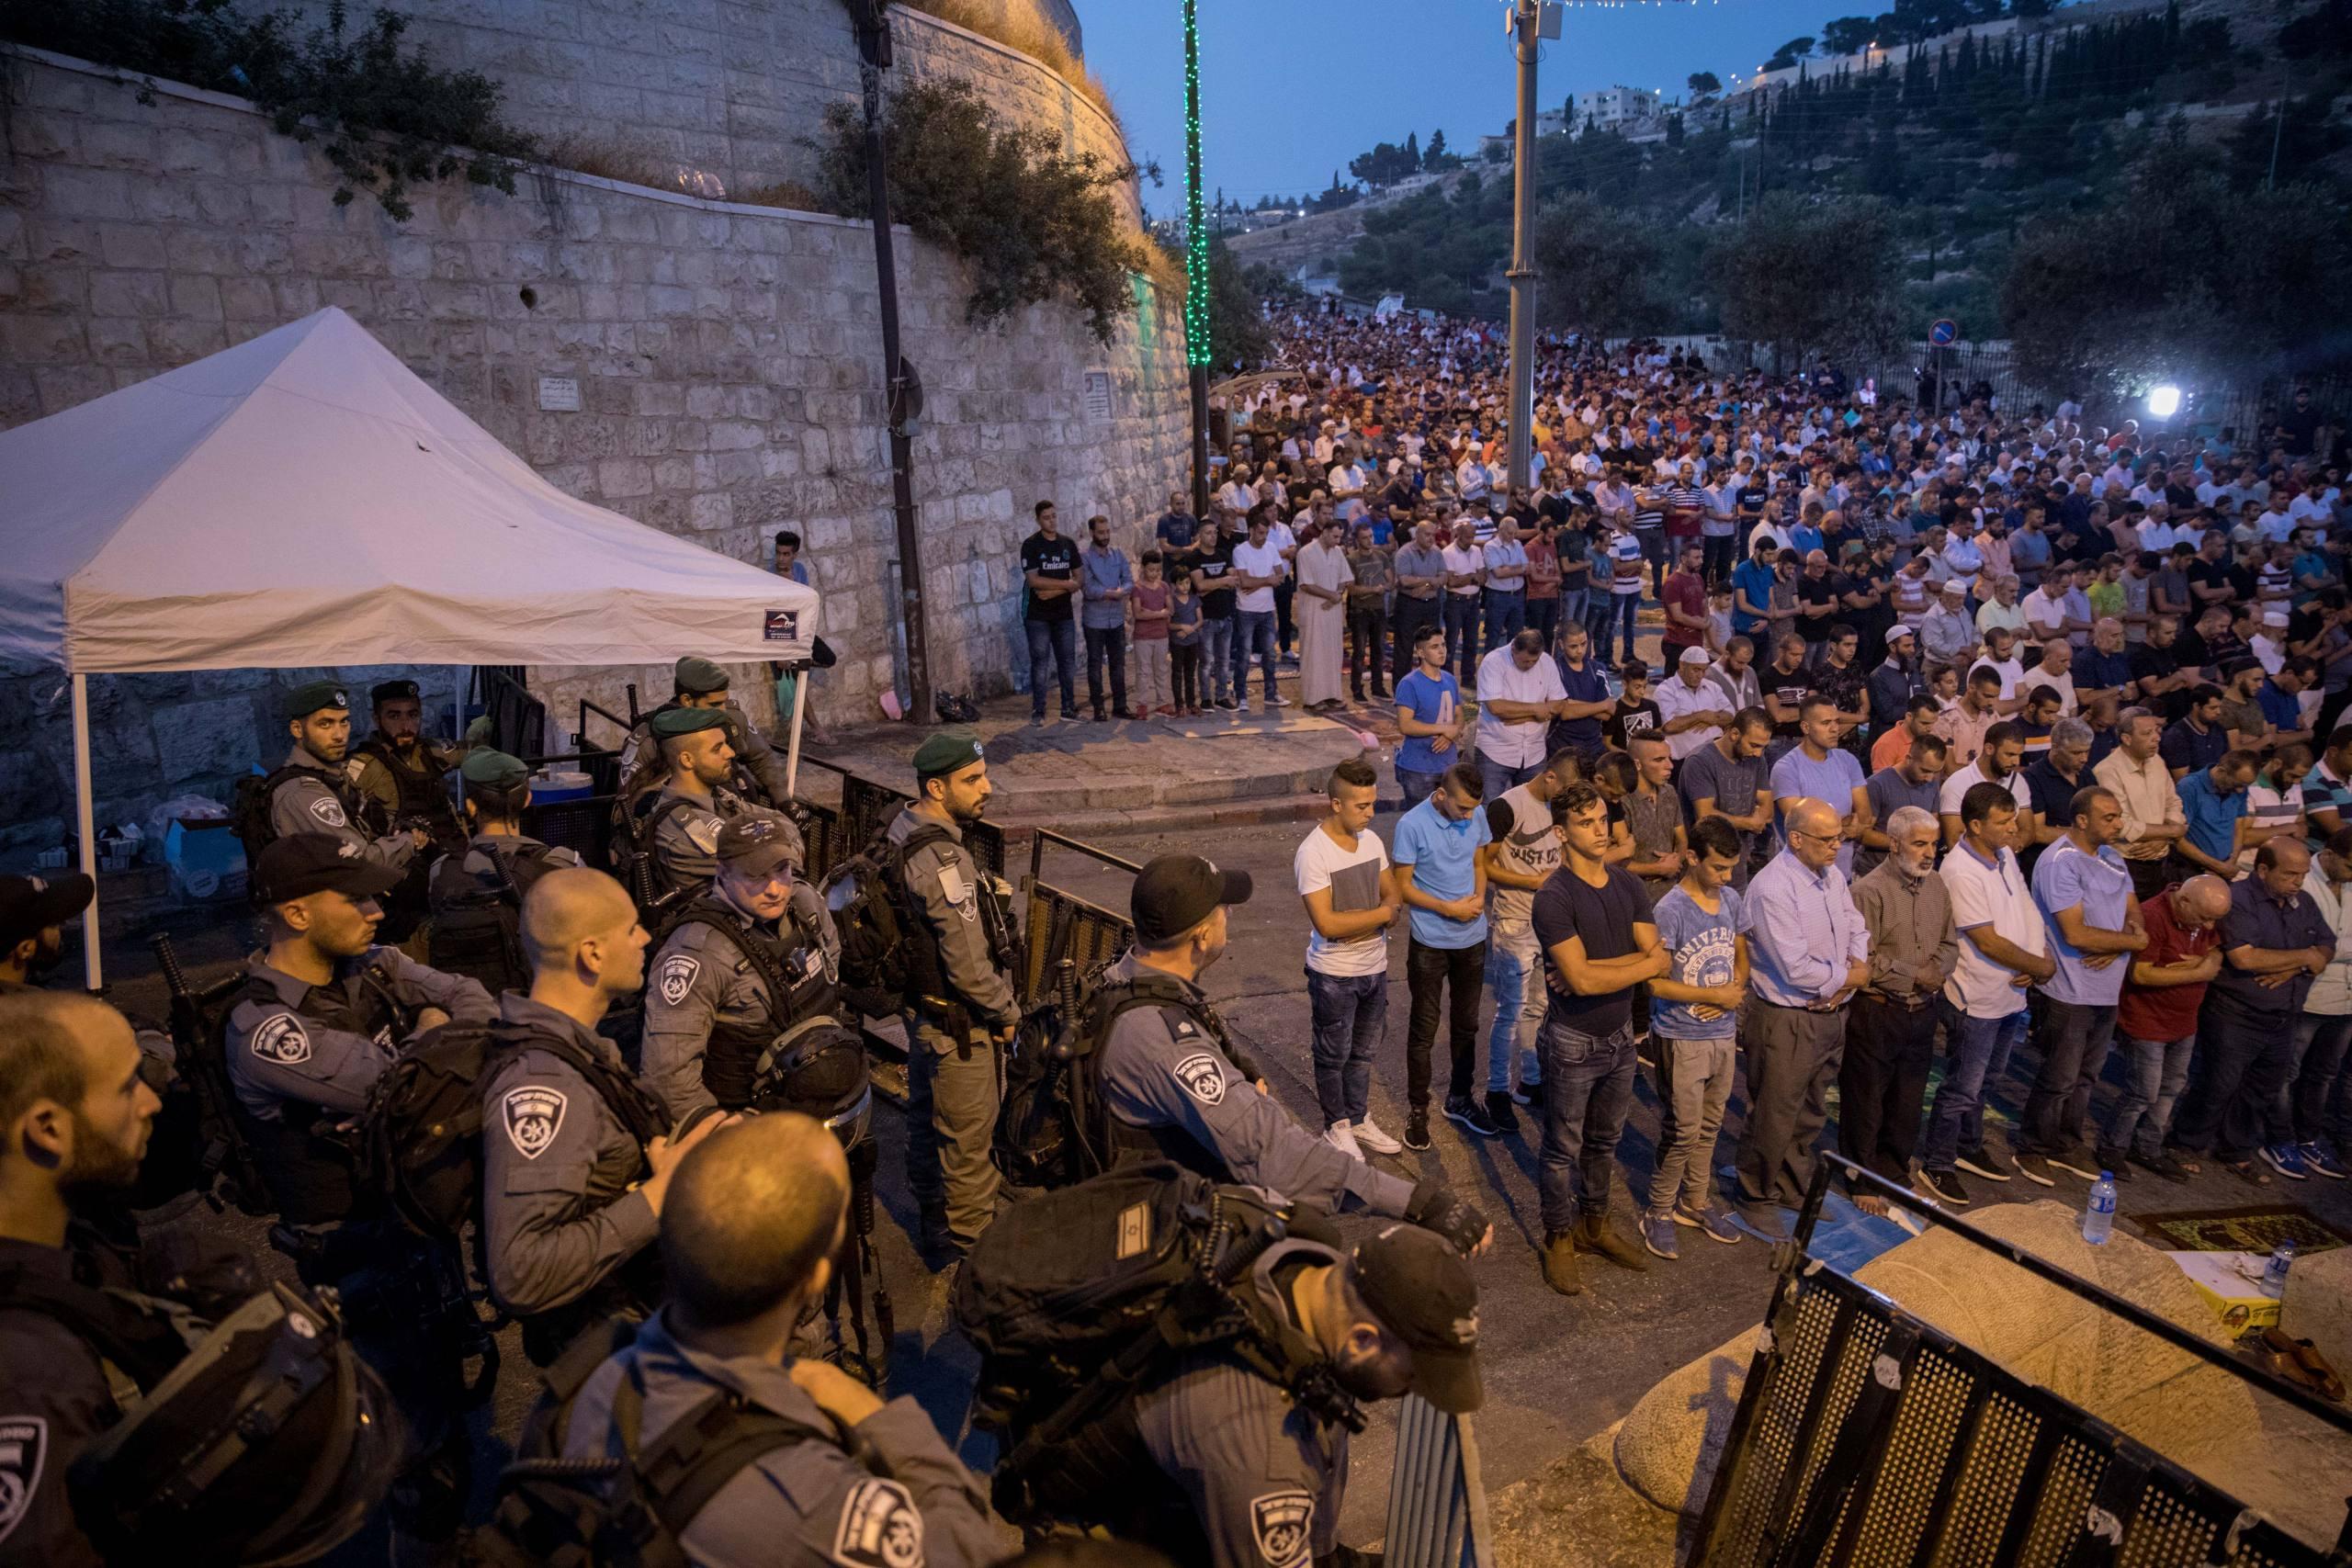 """Israeli police guard as Muslim worshipers perform their evening prayers near the Lion's Gate, outside the Temple Mount, in Jerusalem's Old City on July 24, 2017. Photo by Yonatan Sindel/Flash90 *** Local Caption *** äø äáéú áéãå÷ îùèøä úôéìä ùåèøéí îâ""""á îúôììéí îåñìîéí"""